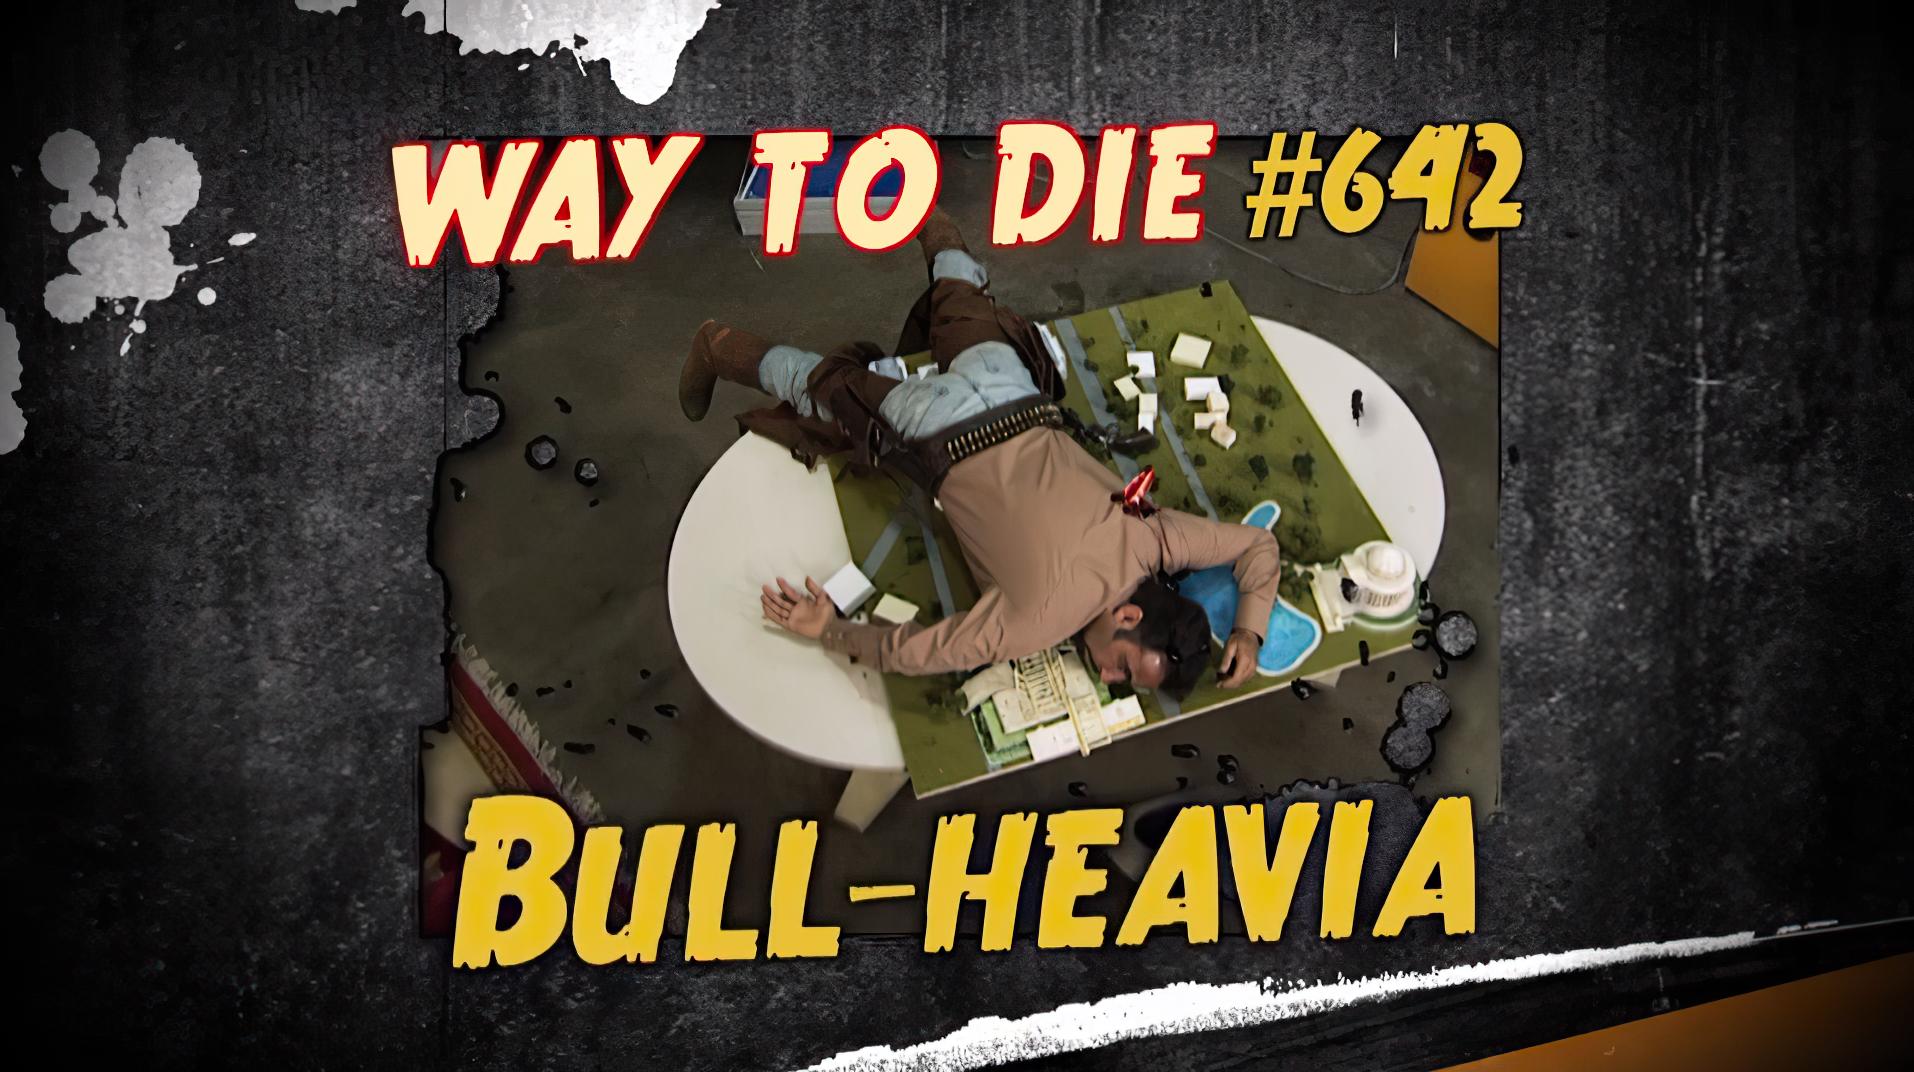 Bull-Heavia